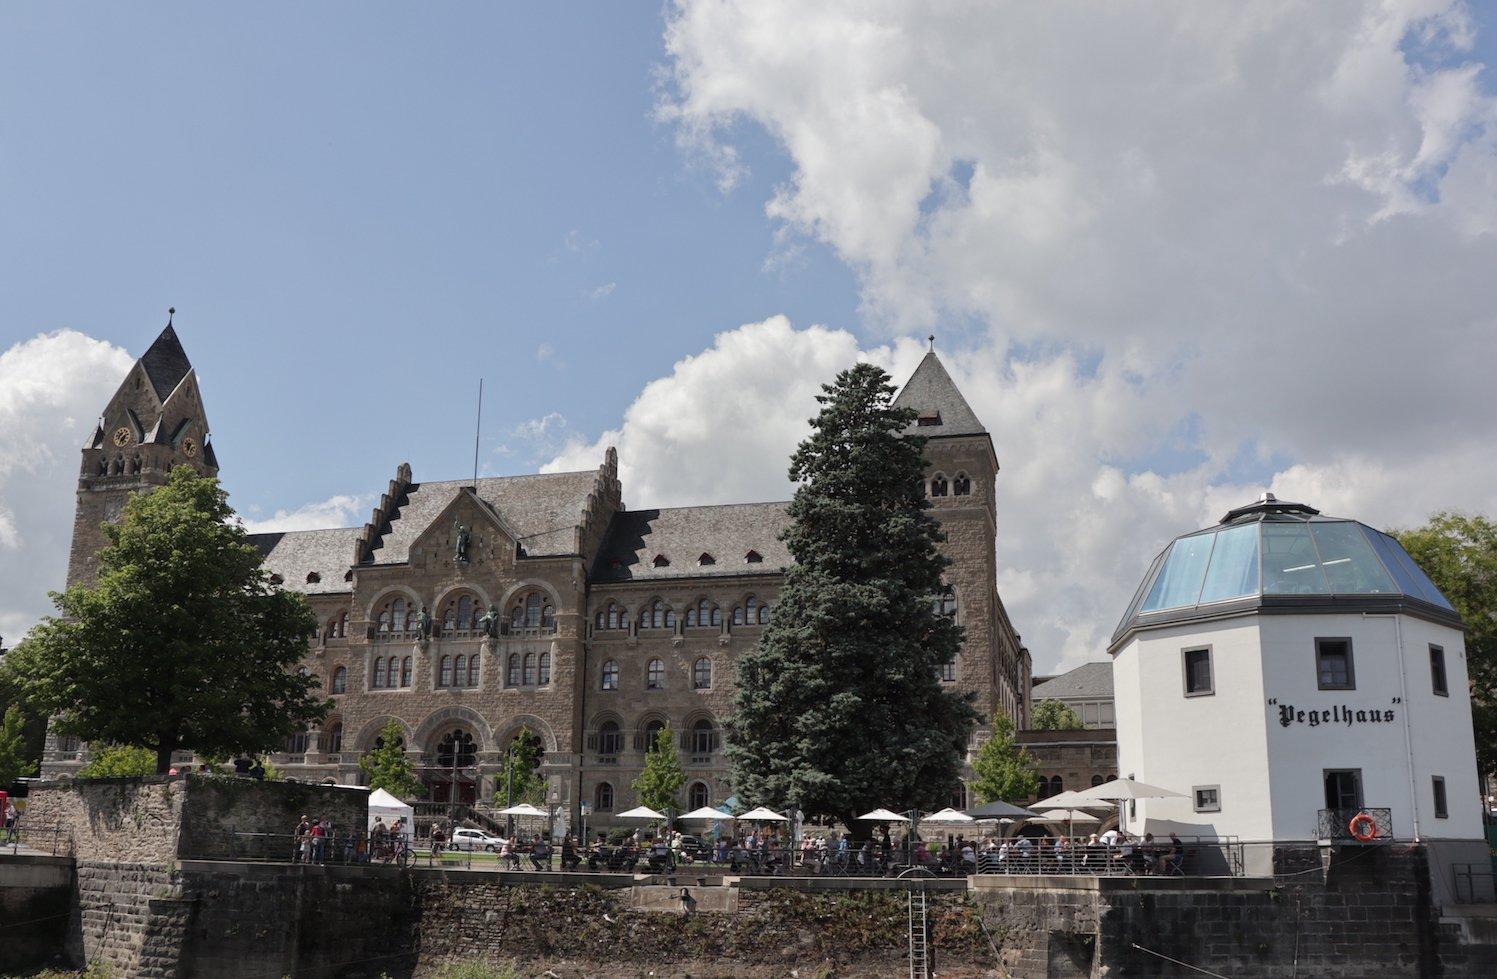 Nochmal das Preußische Regierungsgebäude in Koblenz